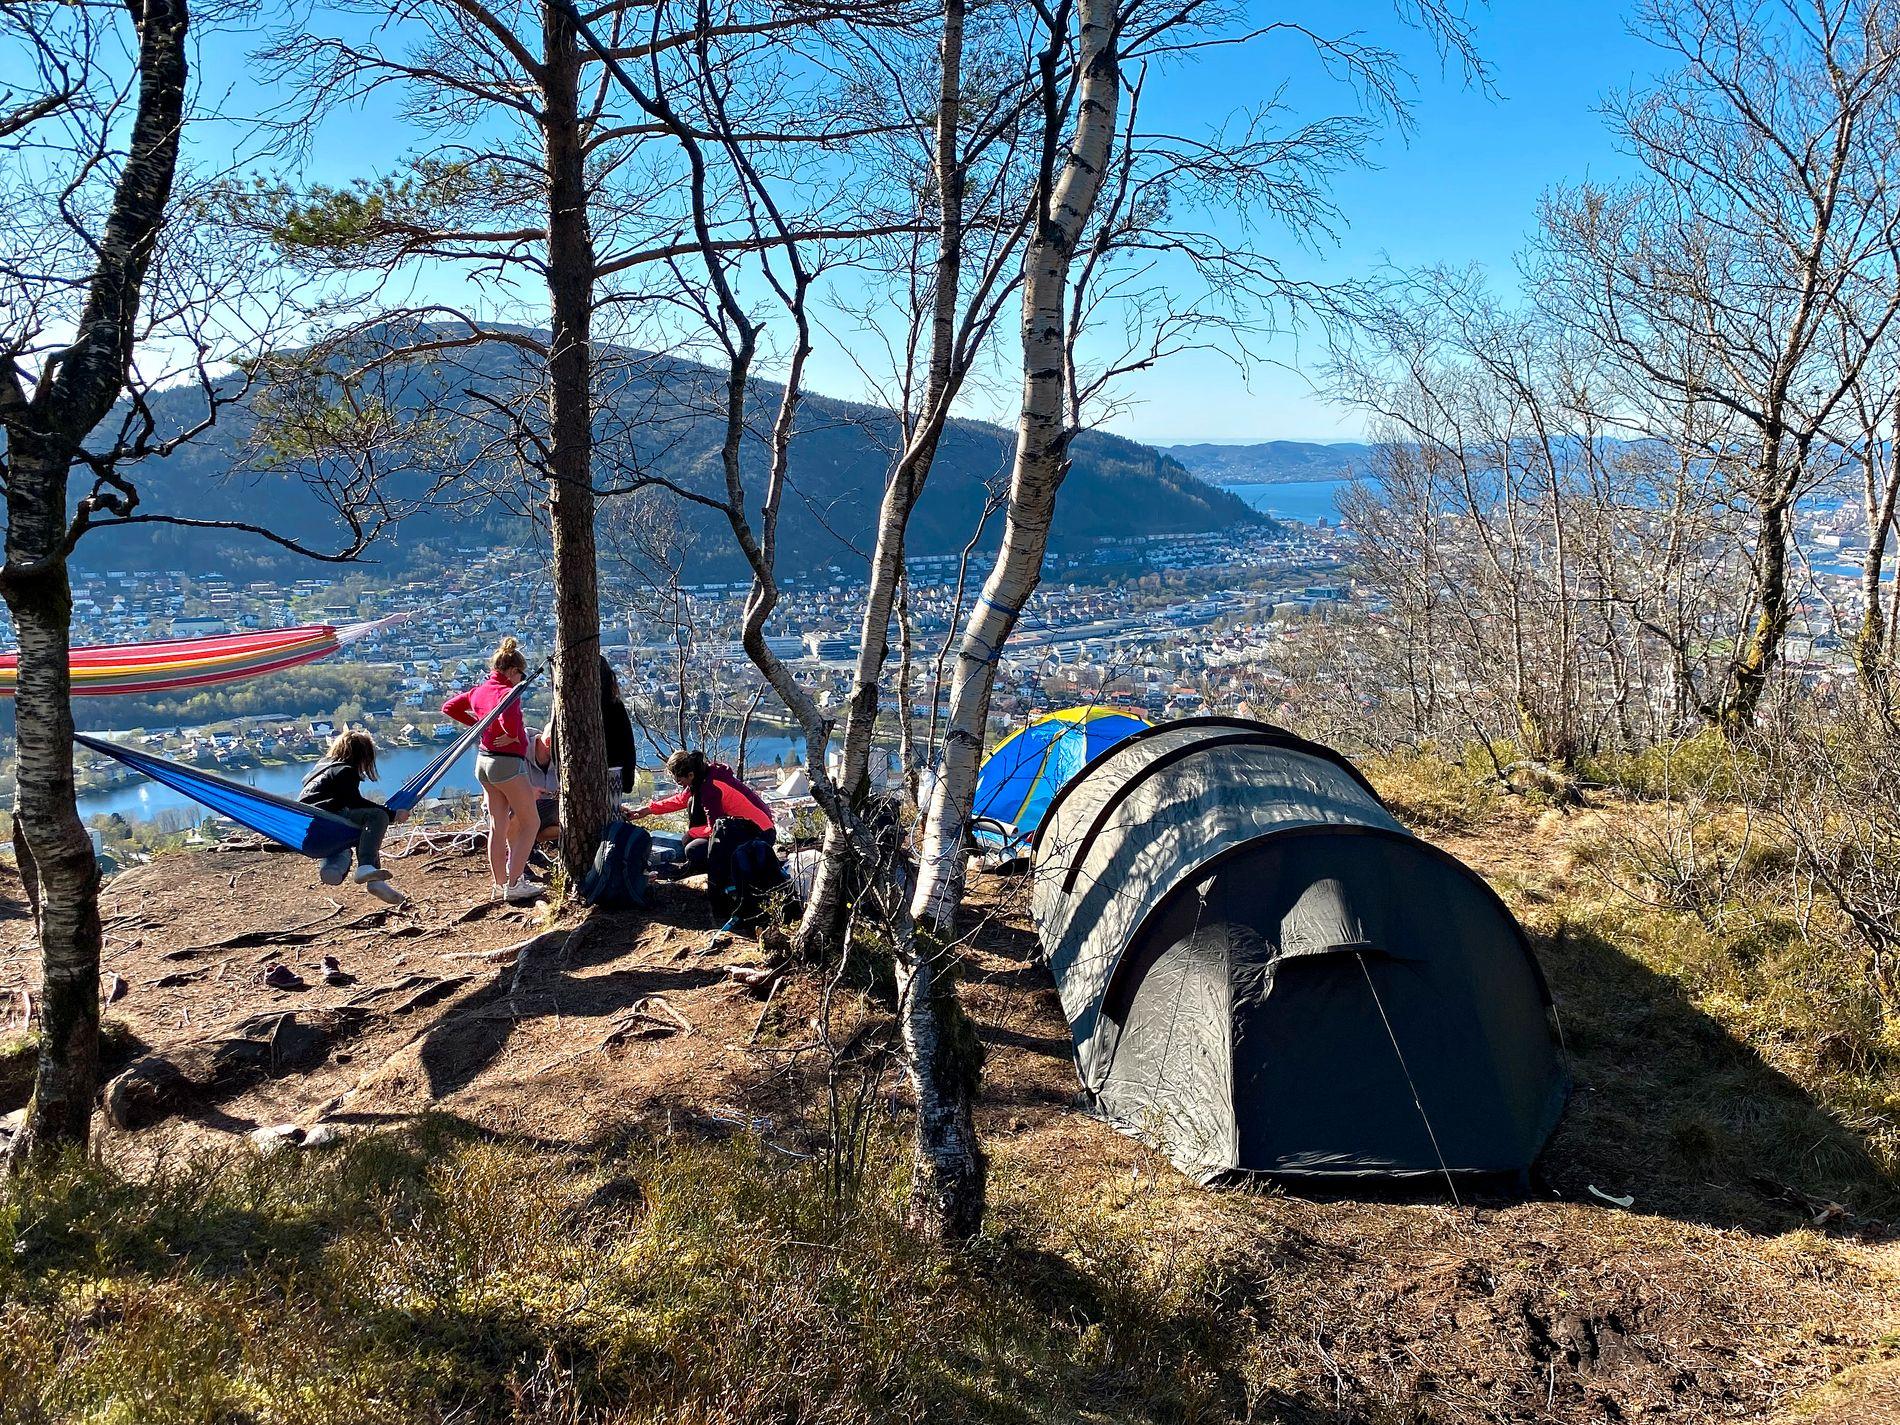 På telttur i Norge i sommer? Disse stedene bør du besøke i